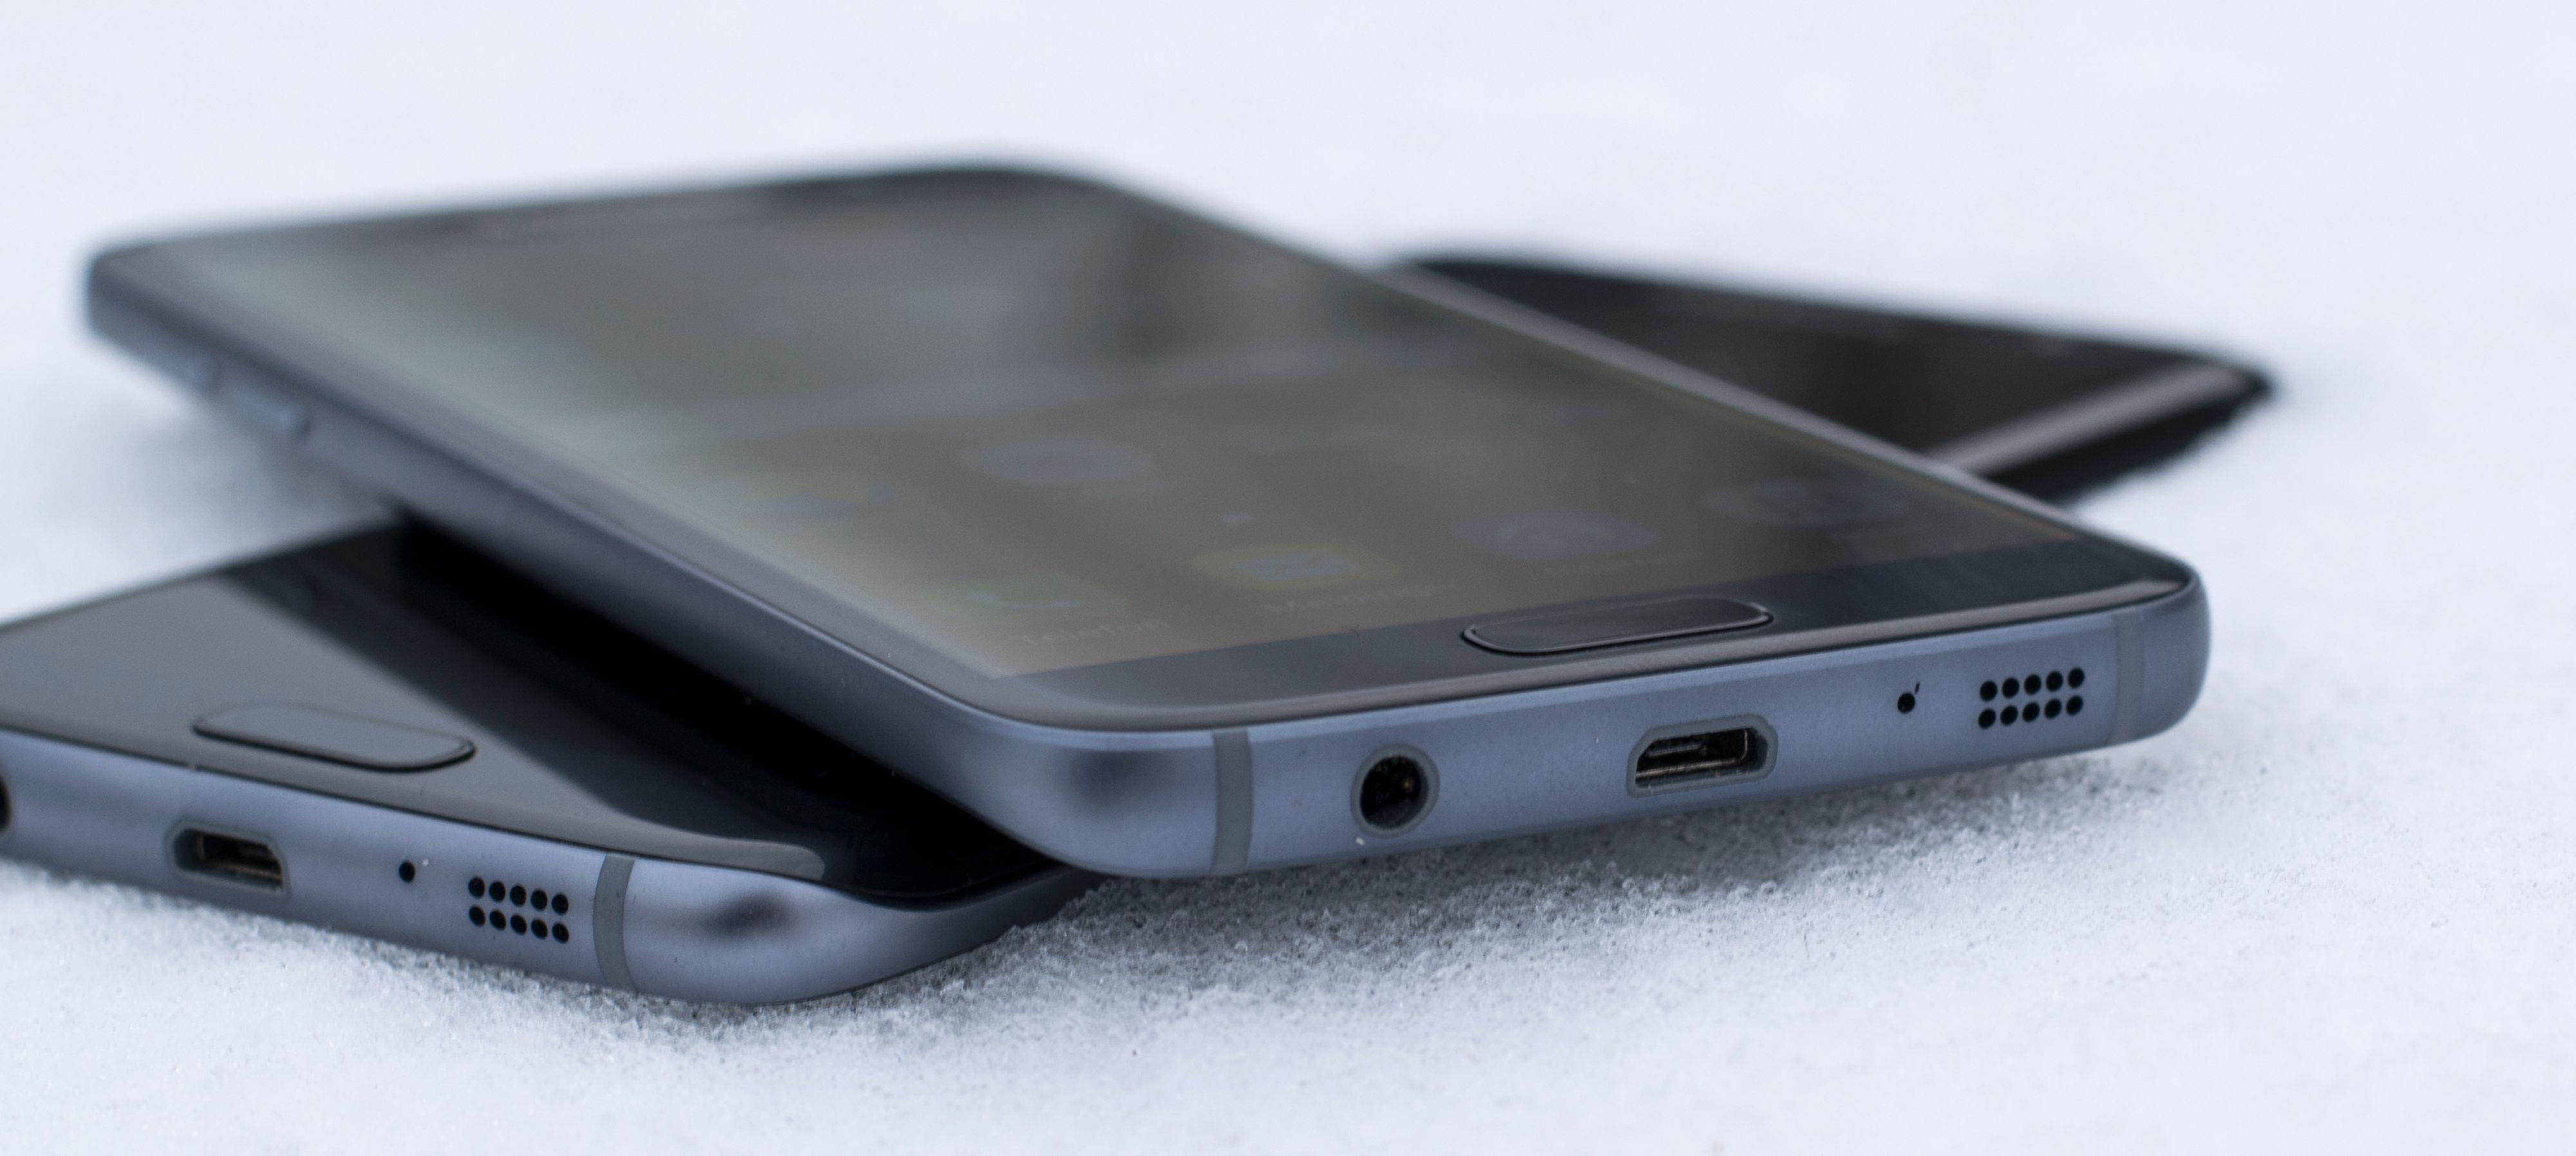 Både den vanlige Galaxy S7 (øverst) og den mer spenstige Galaxy S7 Edge.